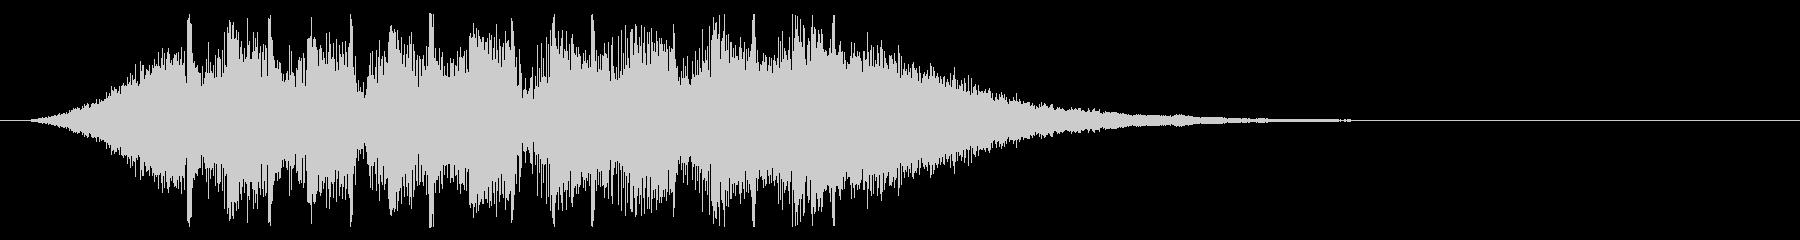 スタイリッシュなEDMジングル #2の未再生の波形